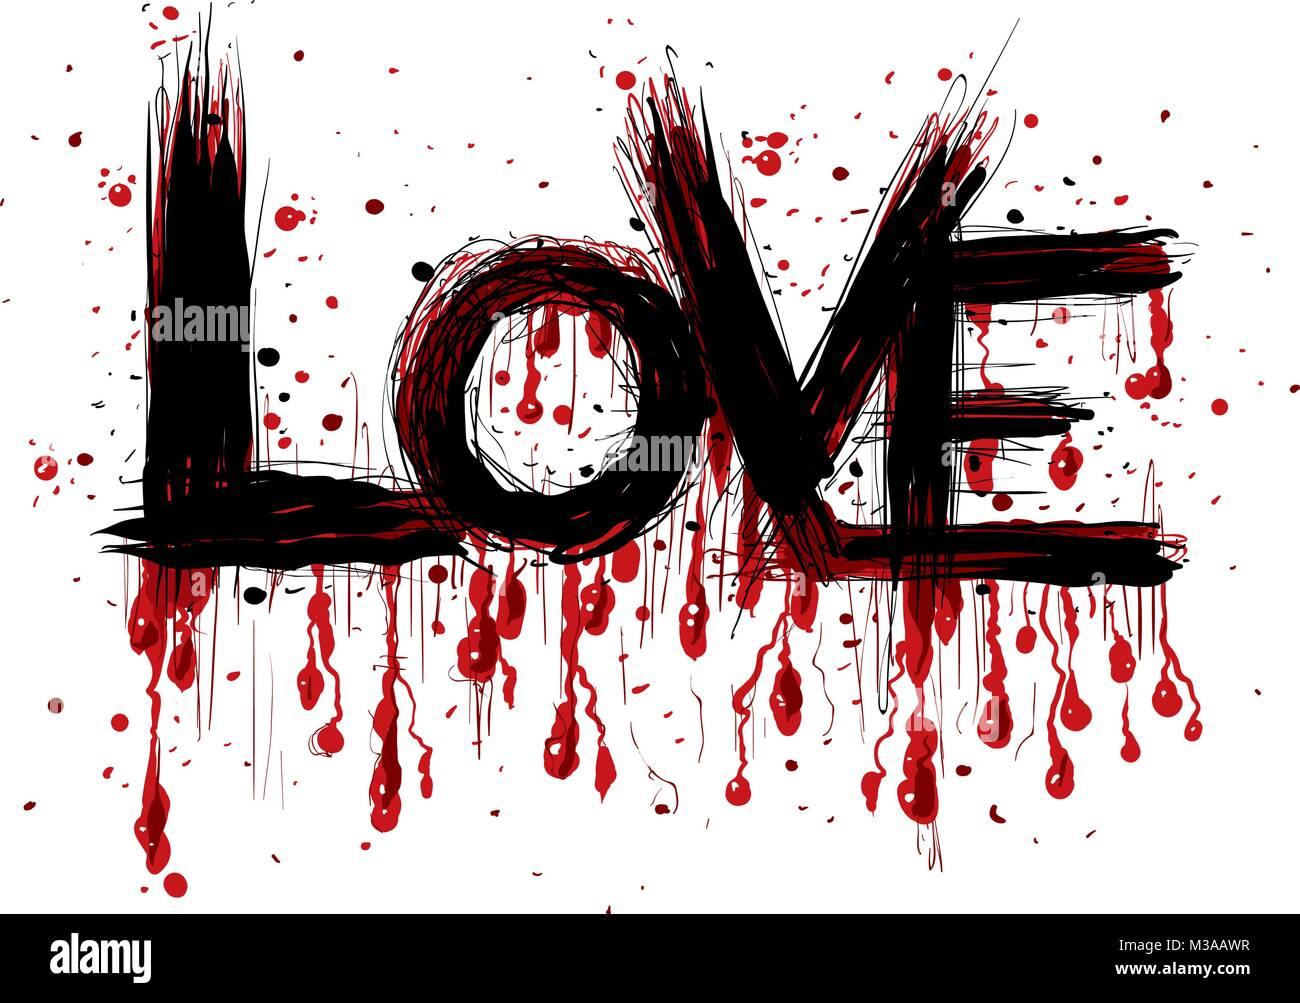 Una caricatura de trazo de pincel graffiti letras de la palabra amor con gotas de sangriento que fluye desde las letras